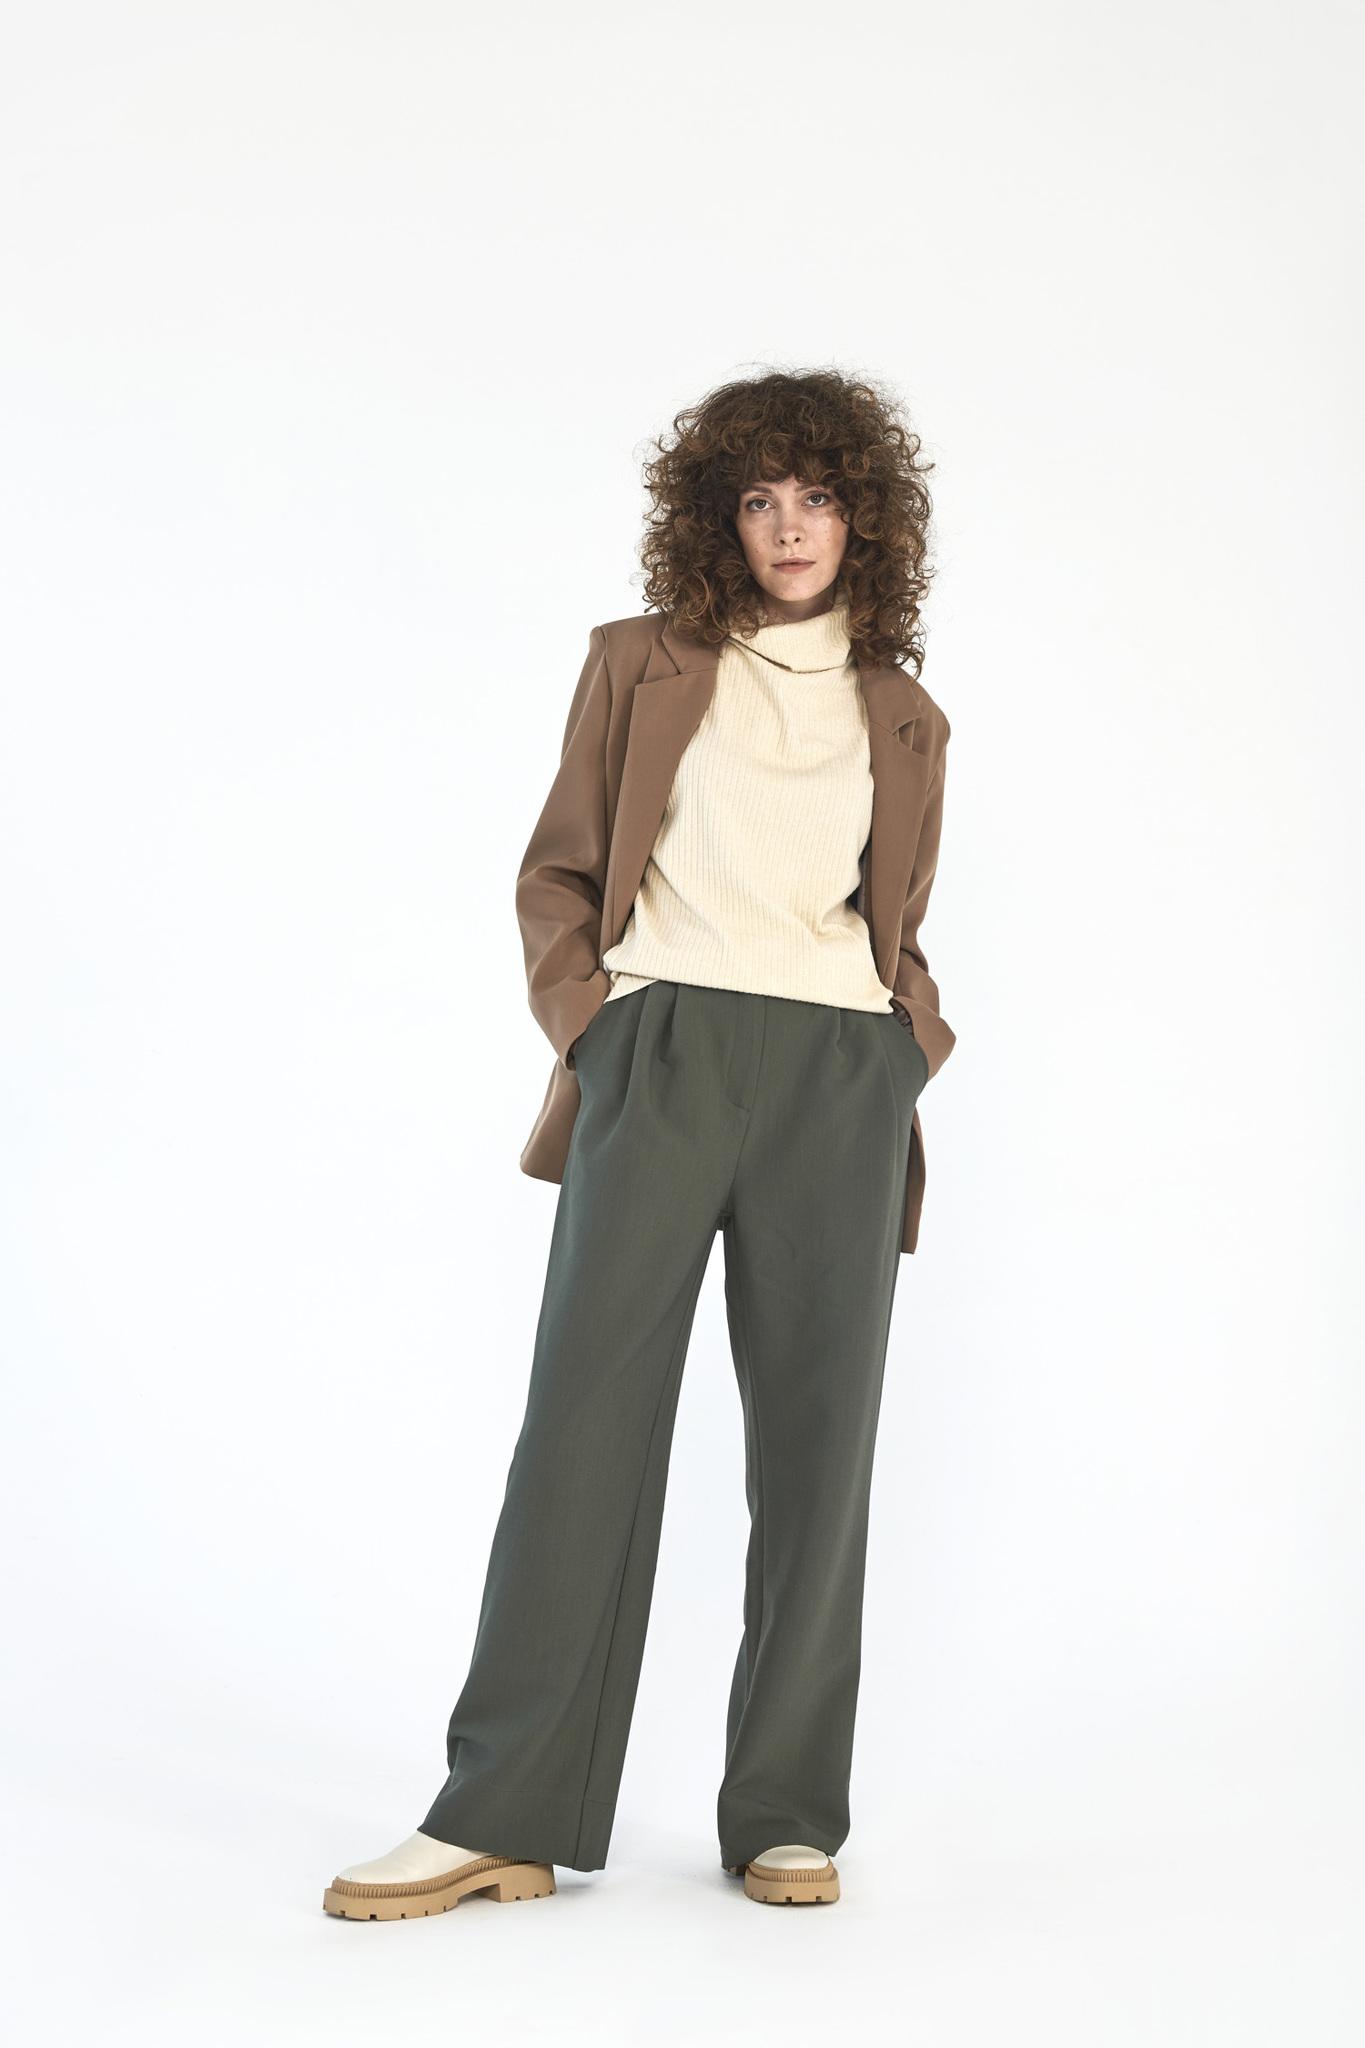 Широкие брюки с двумя складками (костюмный твил), шалфей